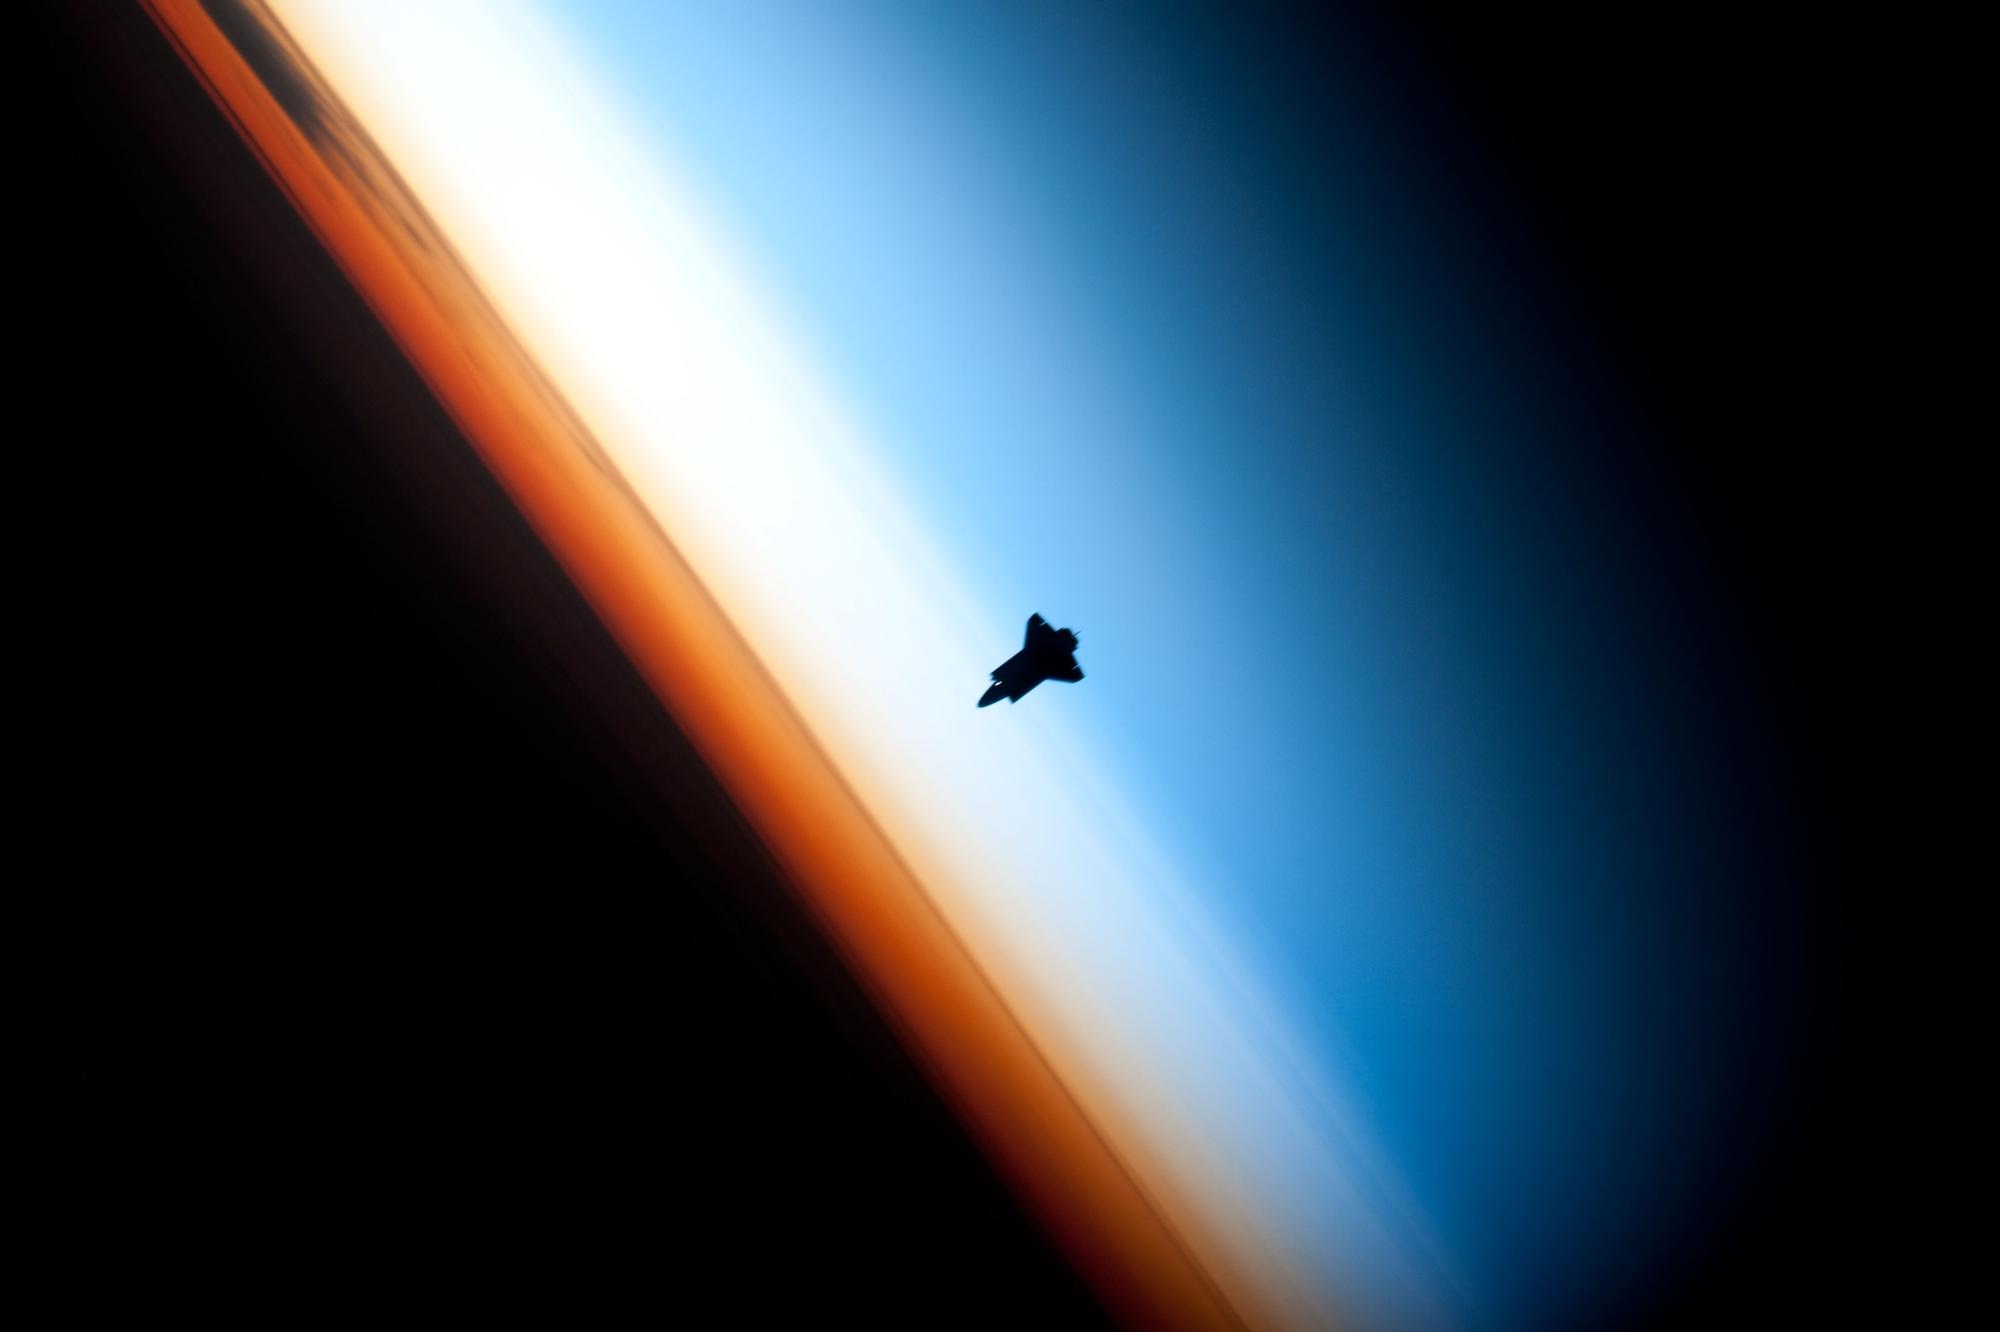 Horyzontu w kosmosie ciąg dalszy   redoctobermsz